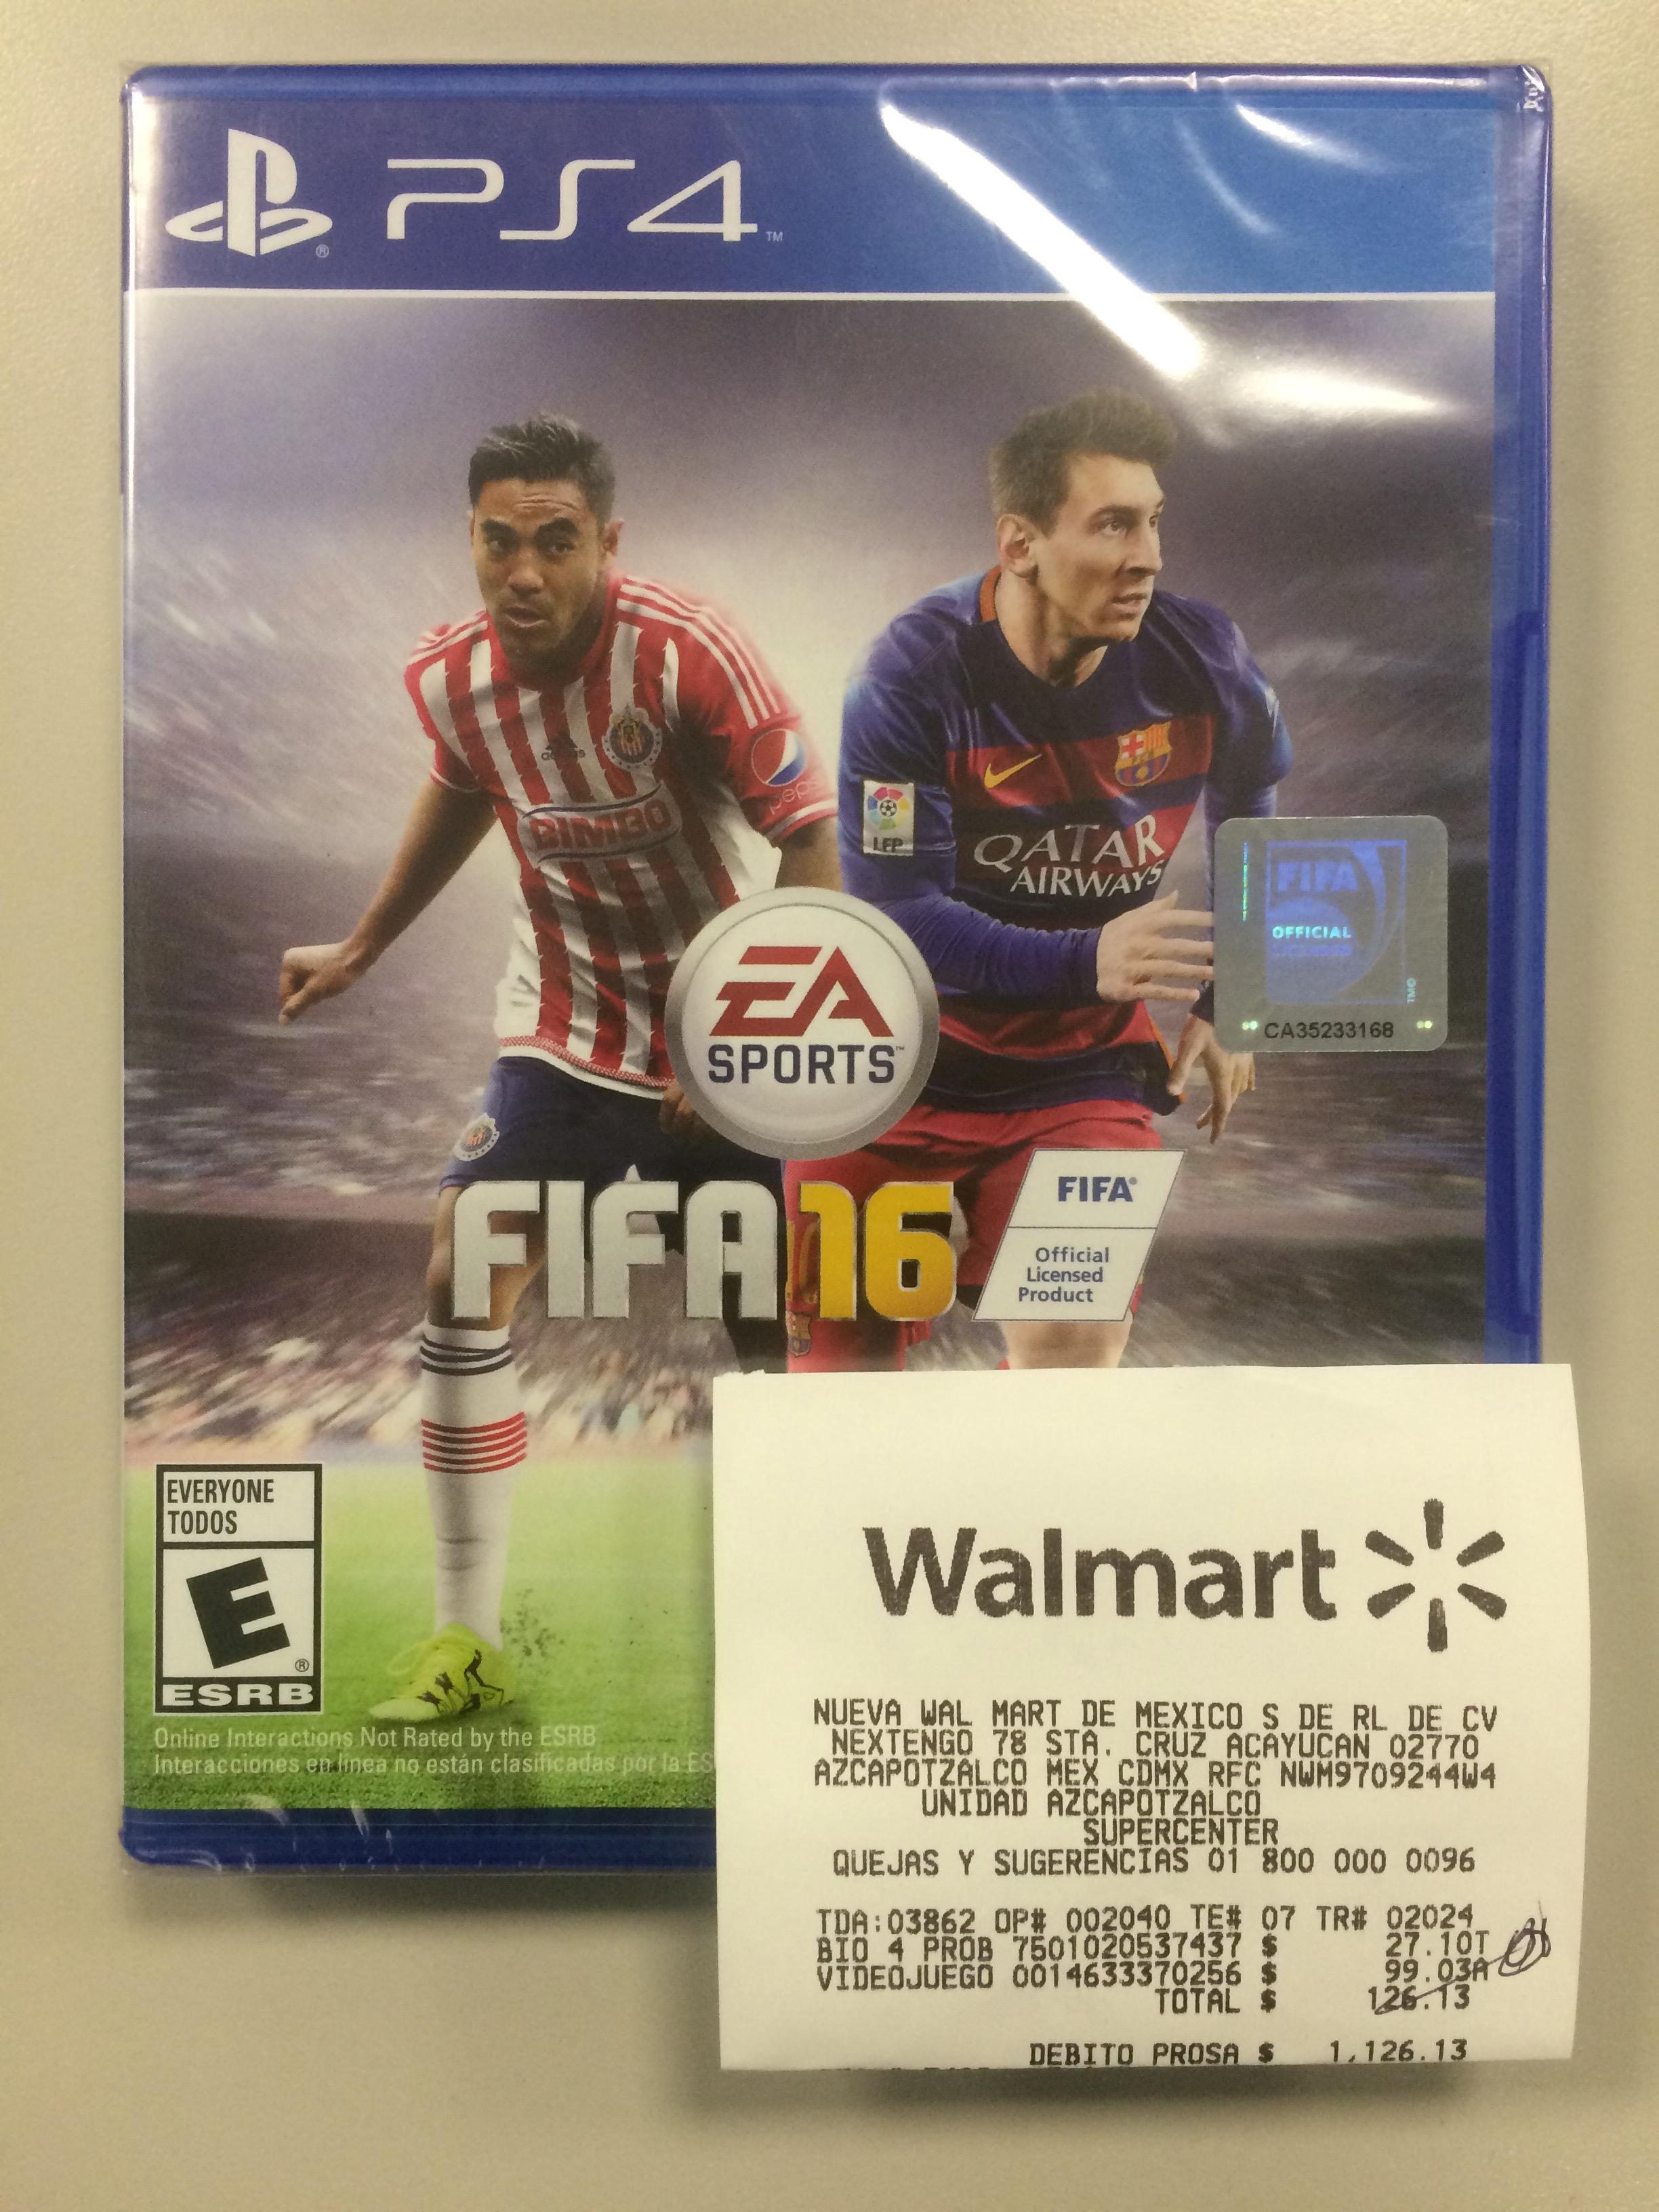 Walmart Azcapotzalco: FIFA 16 PS4 a $99.03